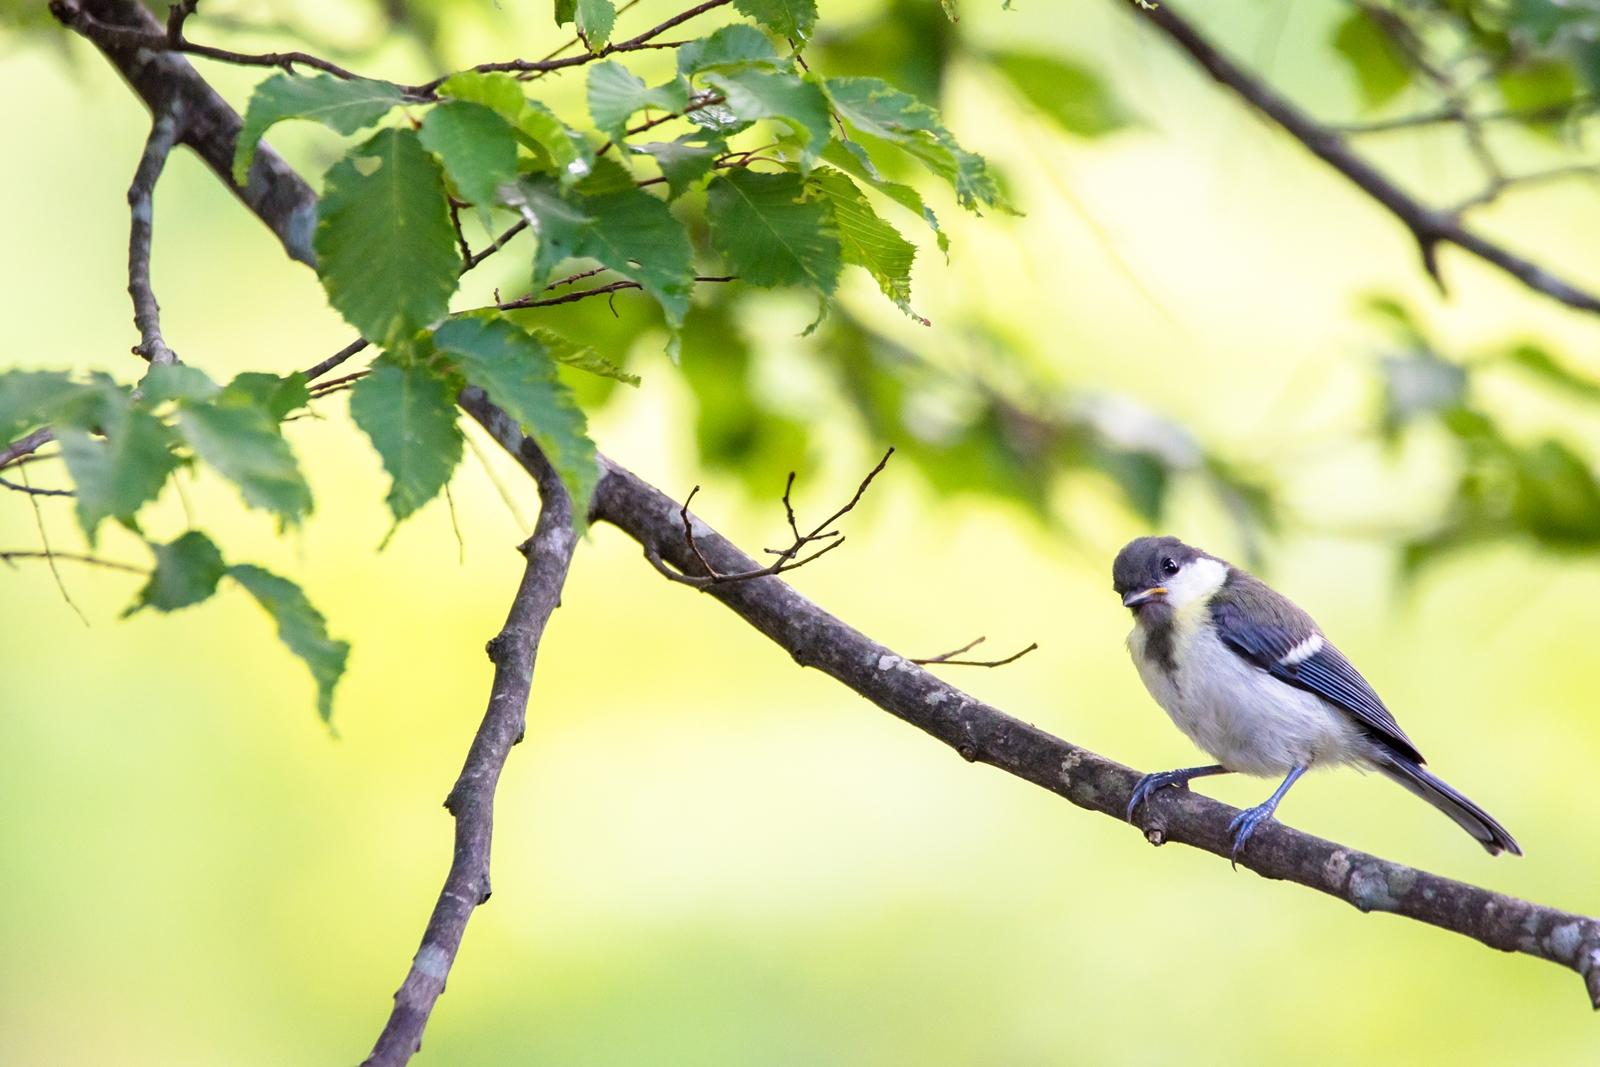 Photo: 初めまして? who are you?  賑やかな朝の始まり 住人達が活動を始める あれ? 見慣れないいきもの 初めましてかな?  Japanese Tit. (シジュウカラ)  #birdphotography #birds #cooljapan #kawaii #nikon #sigma  Nikon D7200 SIGMA 150-600mm F5-6.3 DG OS HSM Contemporary